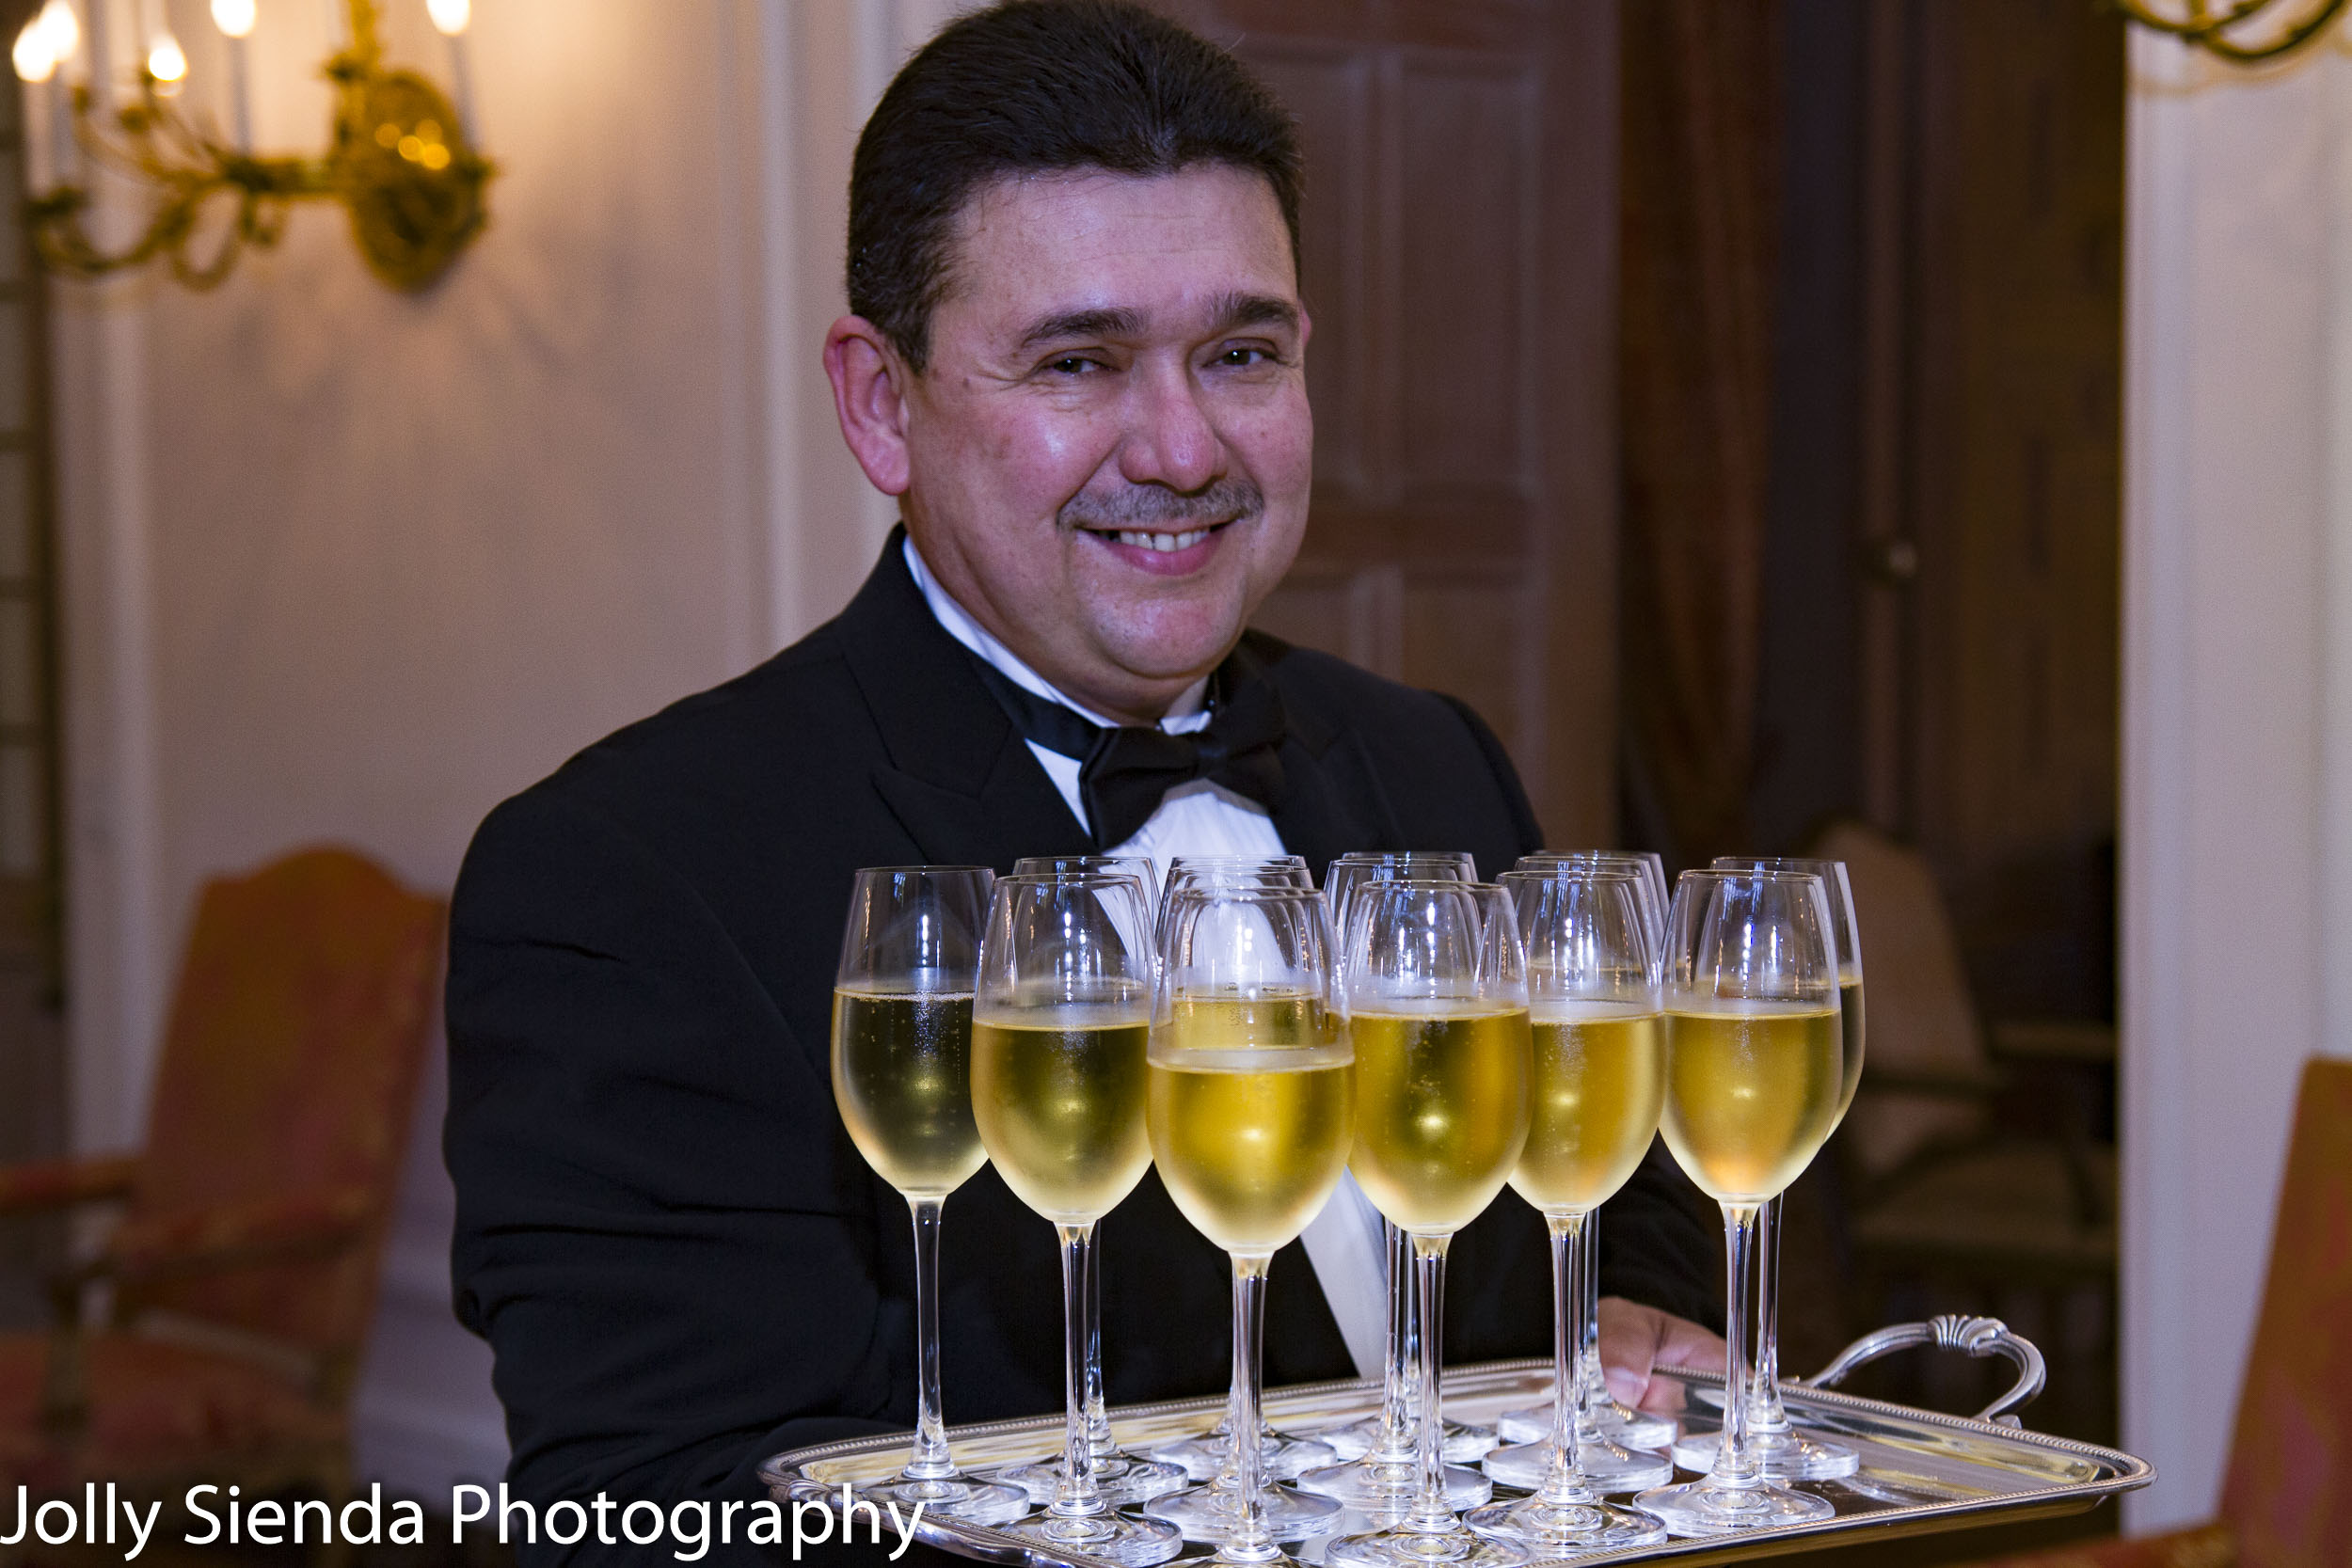 Smiling waiter carries wine glasses, French Ambassadors Dinner